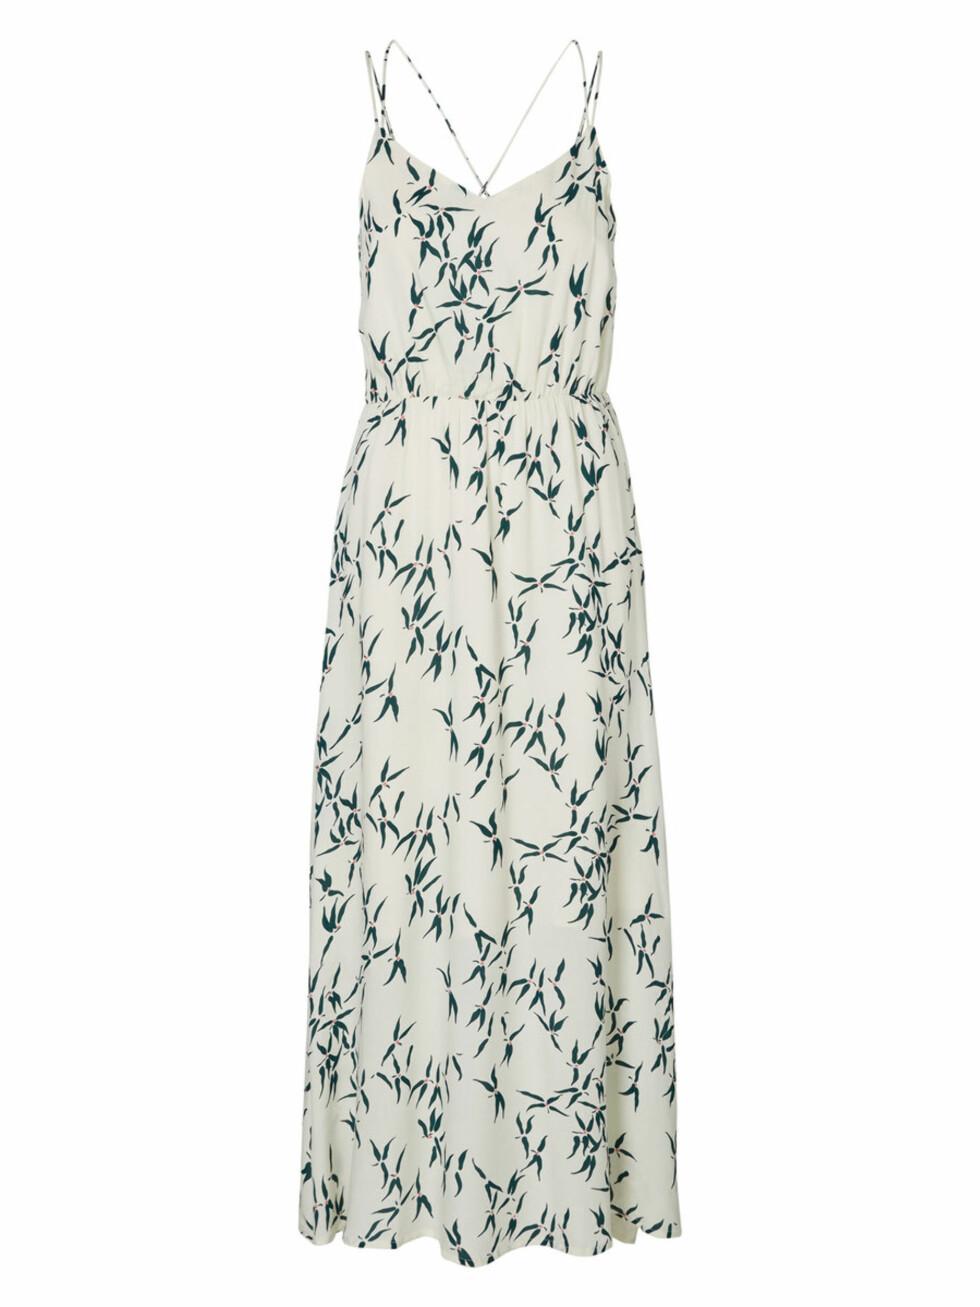 Kjole fra Vero Moda, kr 399,95. Foto: Produsenten